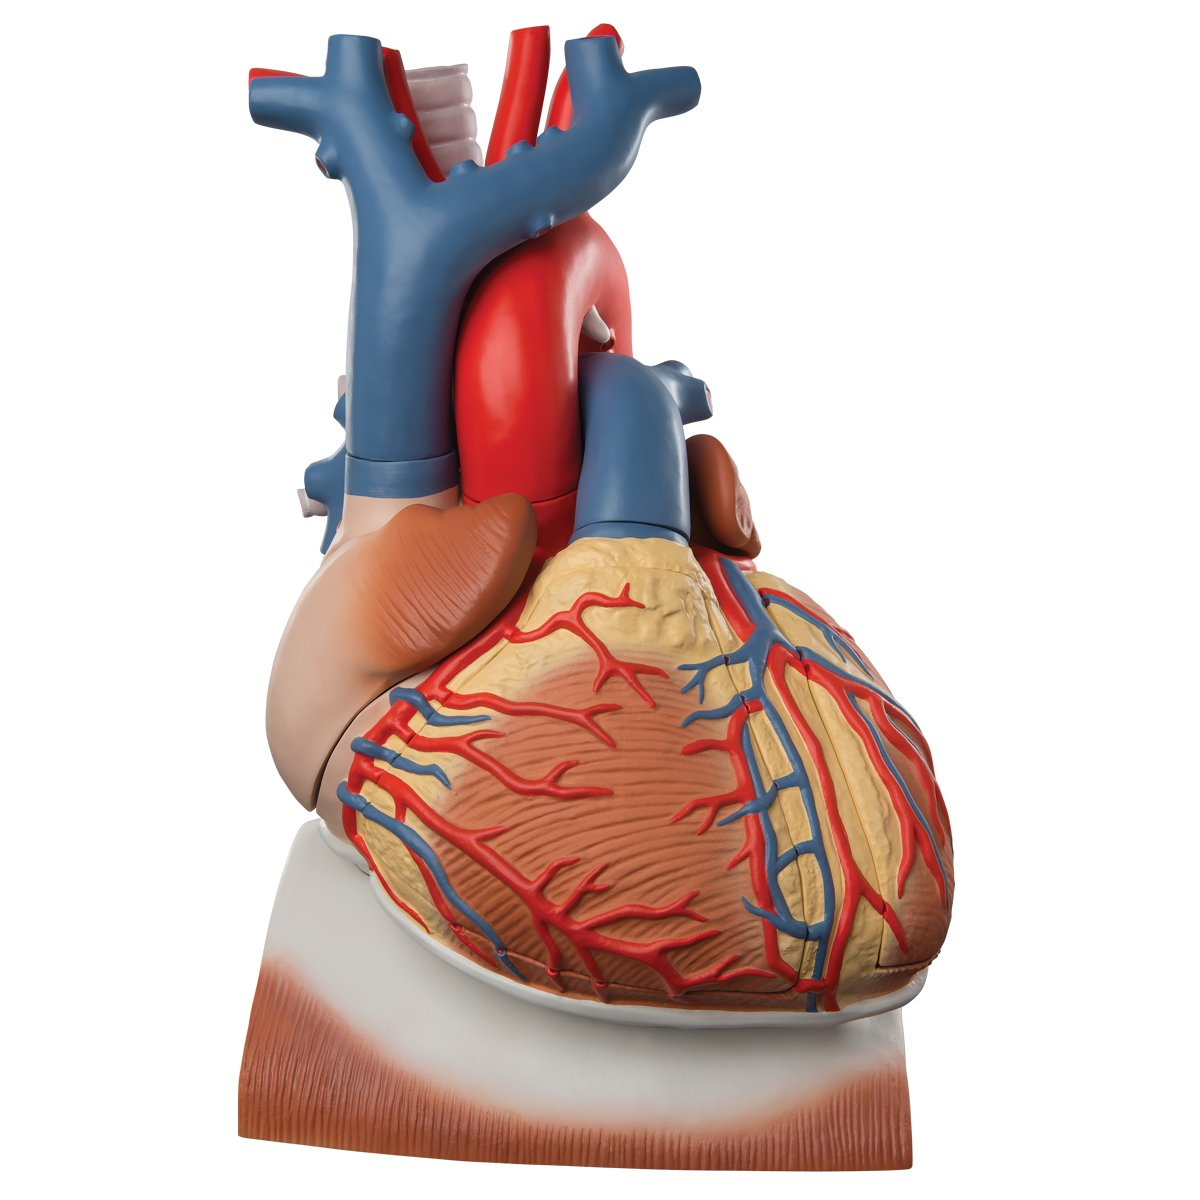 心臓,横隔膜付,3倍大10分解モデル   B007NCWDRG